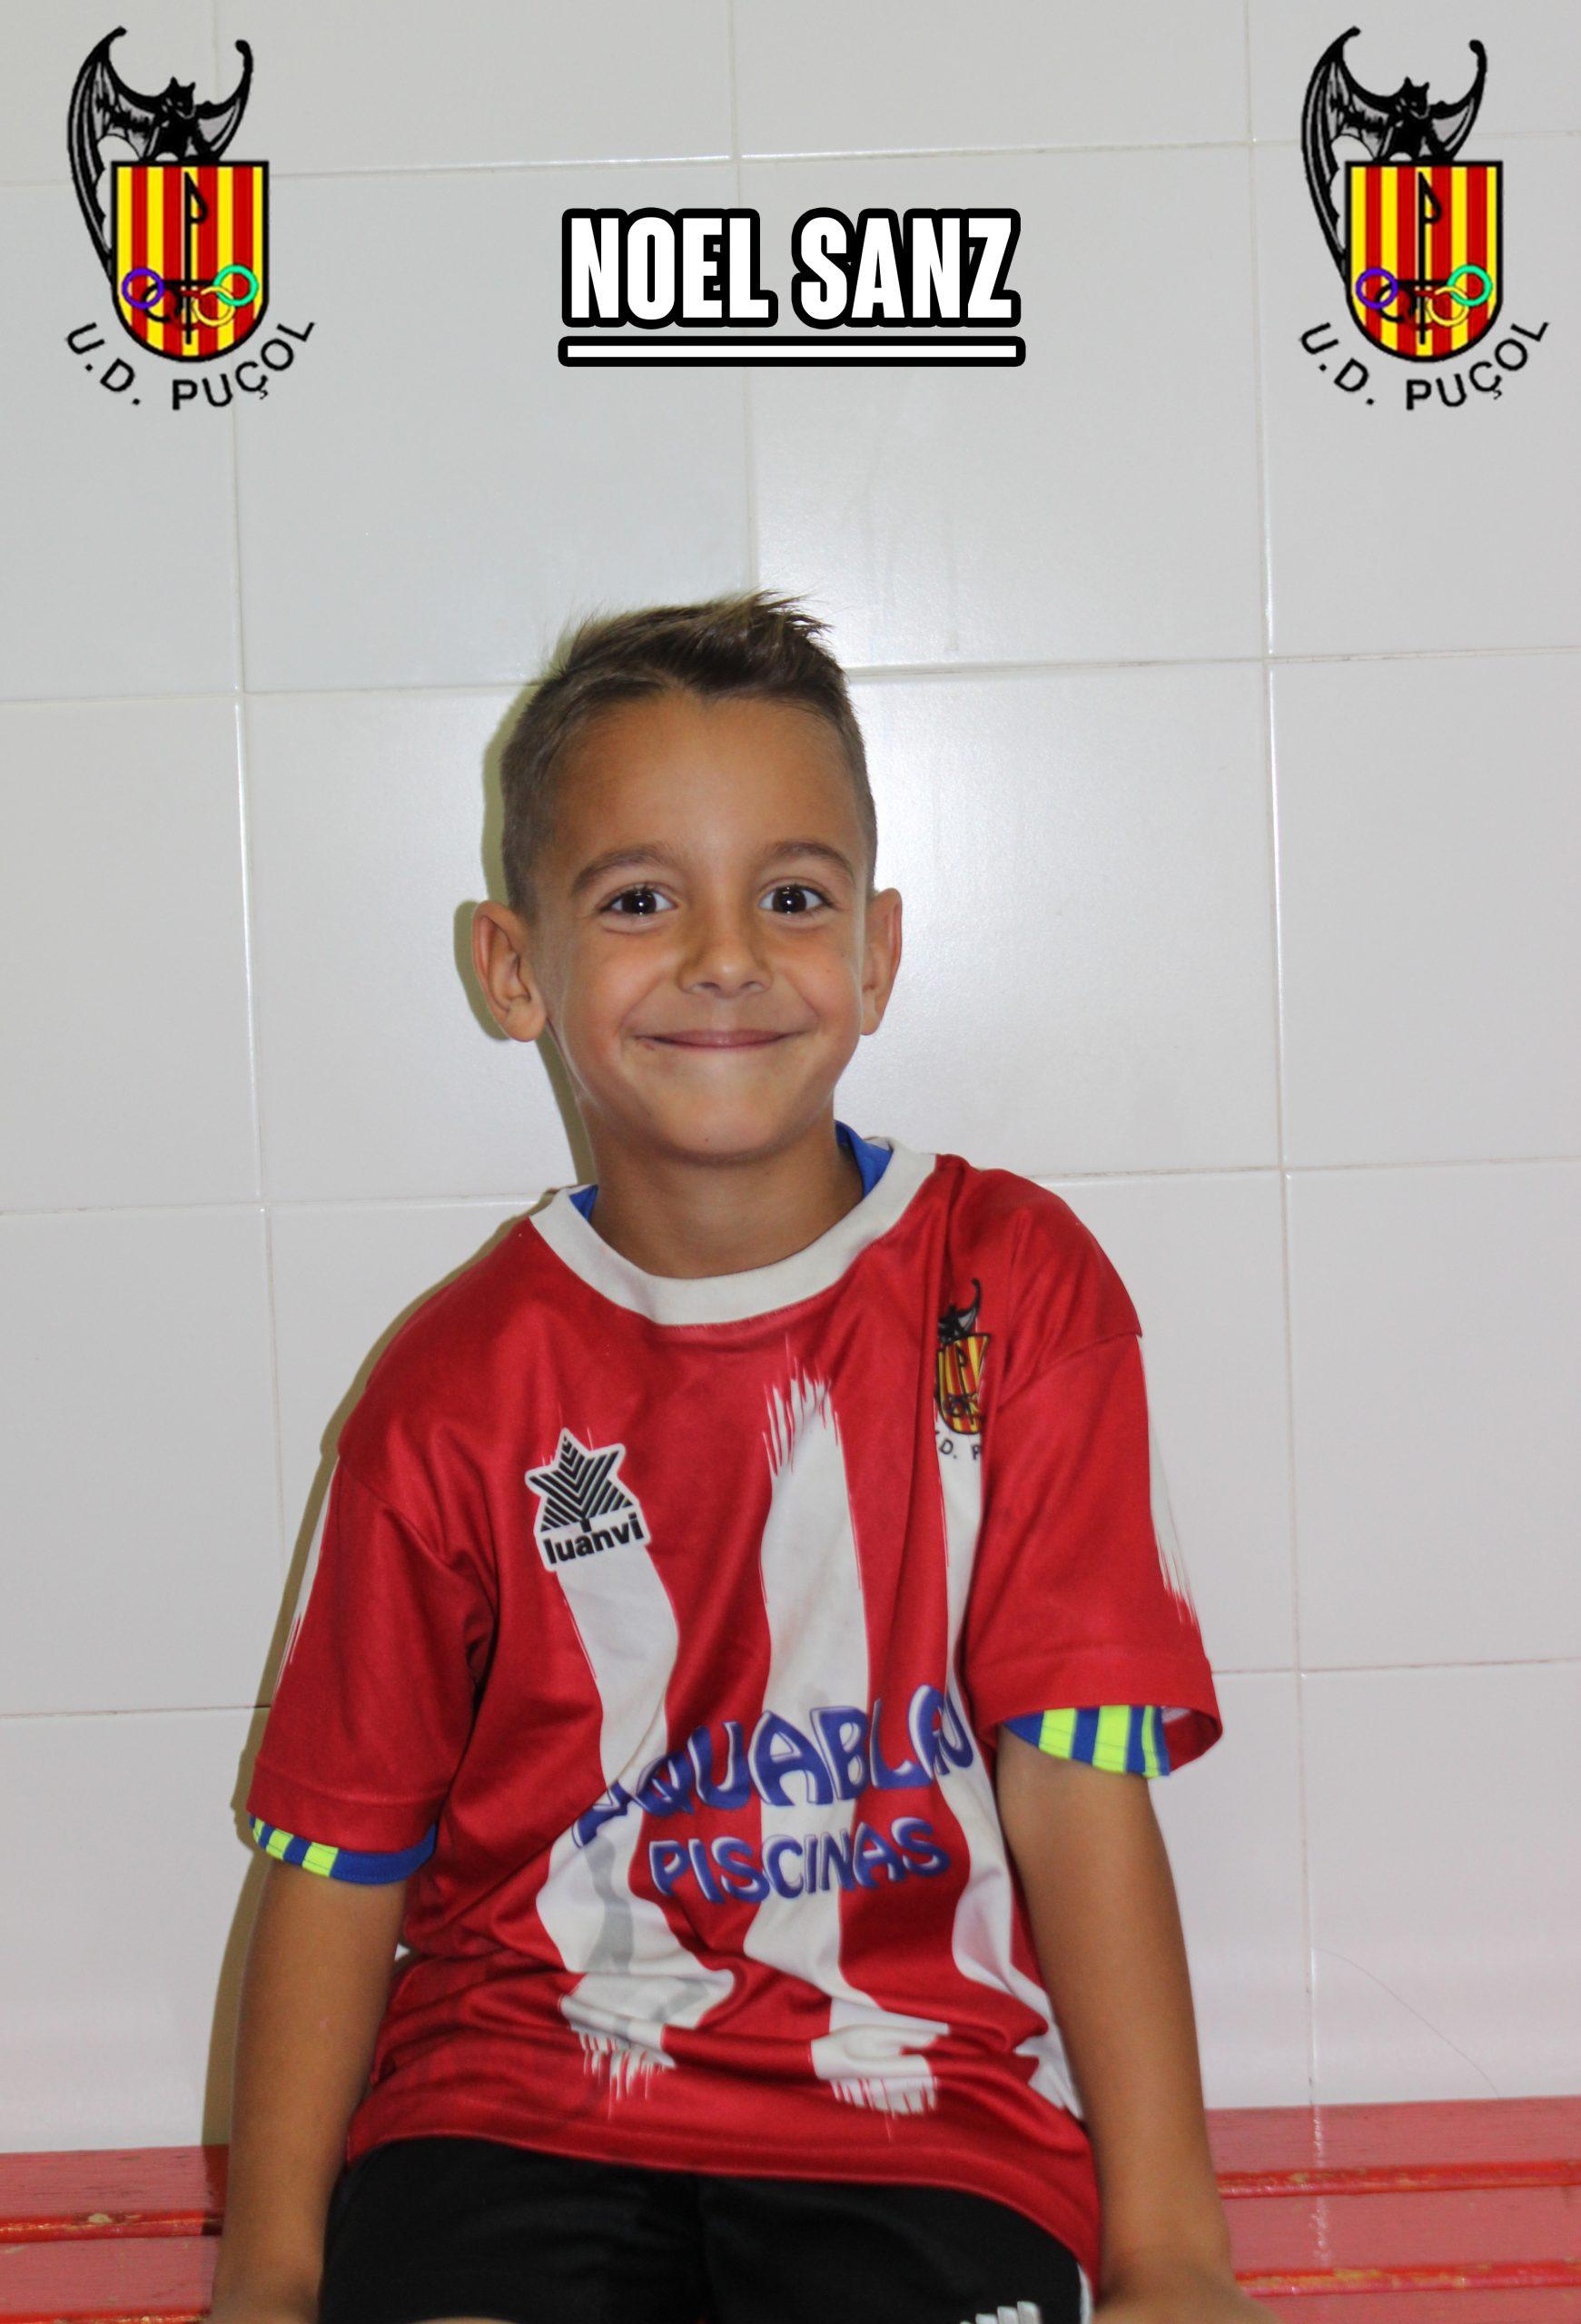 Noel Sanz